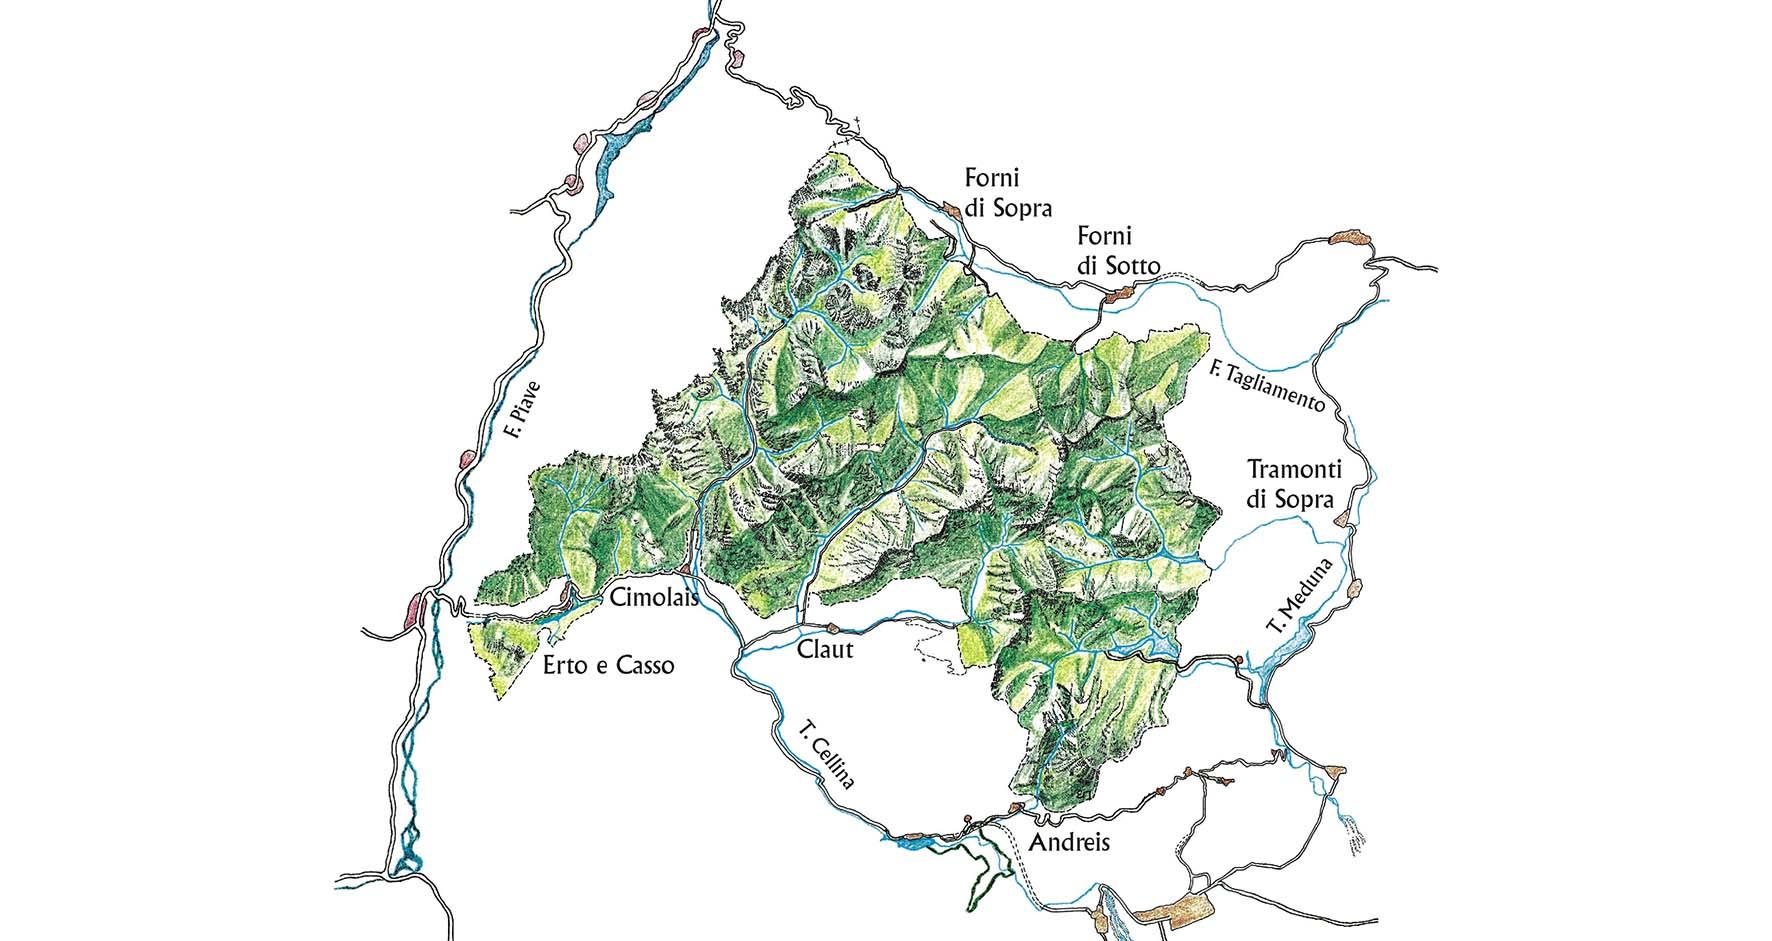 parco naturale dolomiti friulane mappa